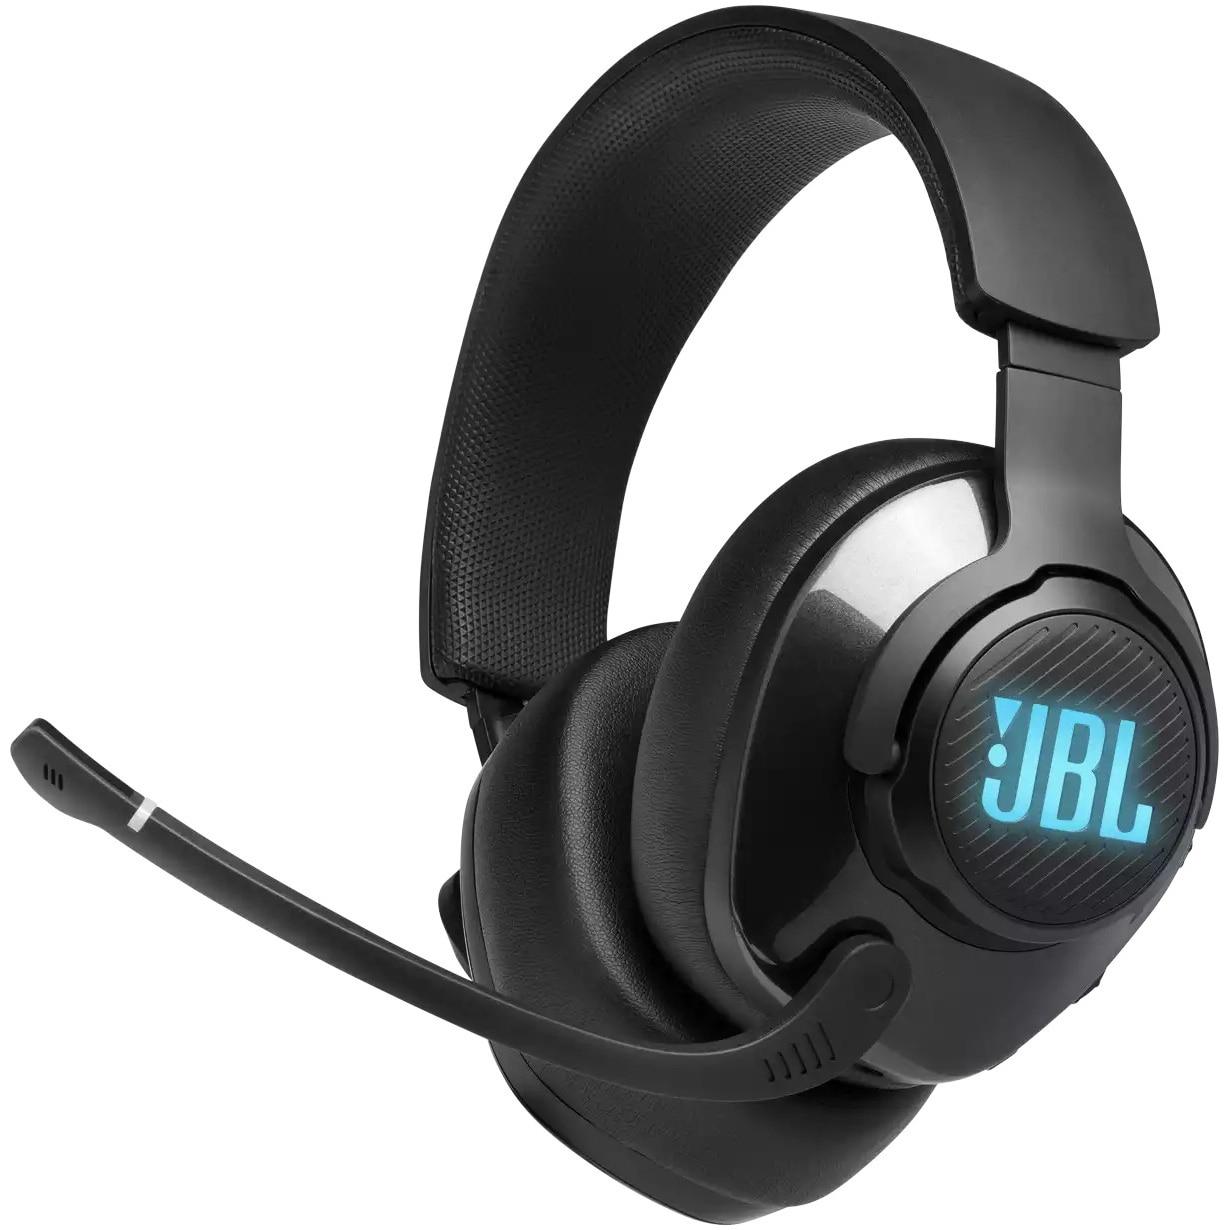 Fotografie Casti Gaming JBL Quantum 400, Multiplatforma, Quantum Surround, 3.5mm, USB, Microfon, Negru